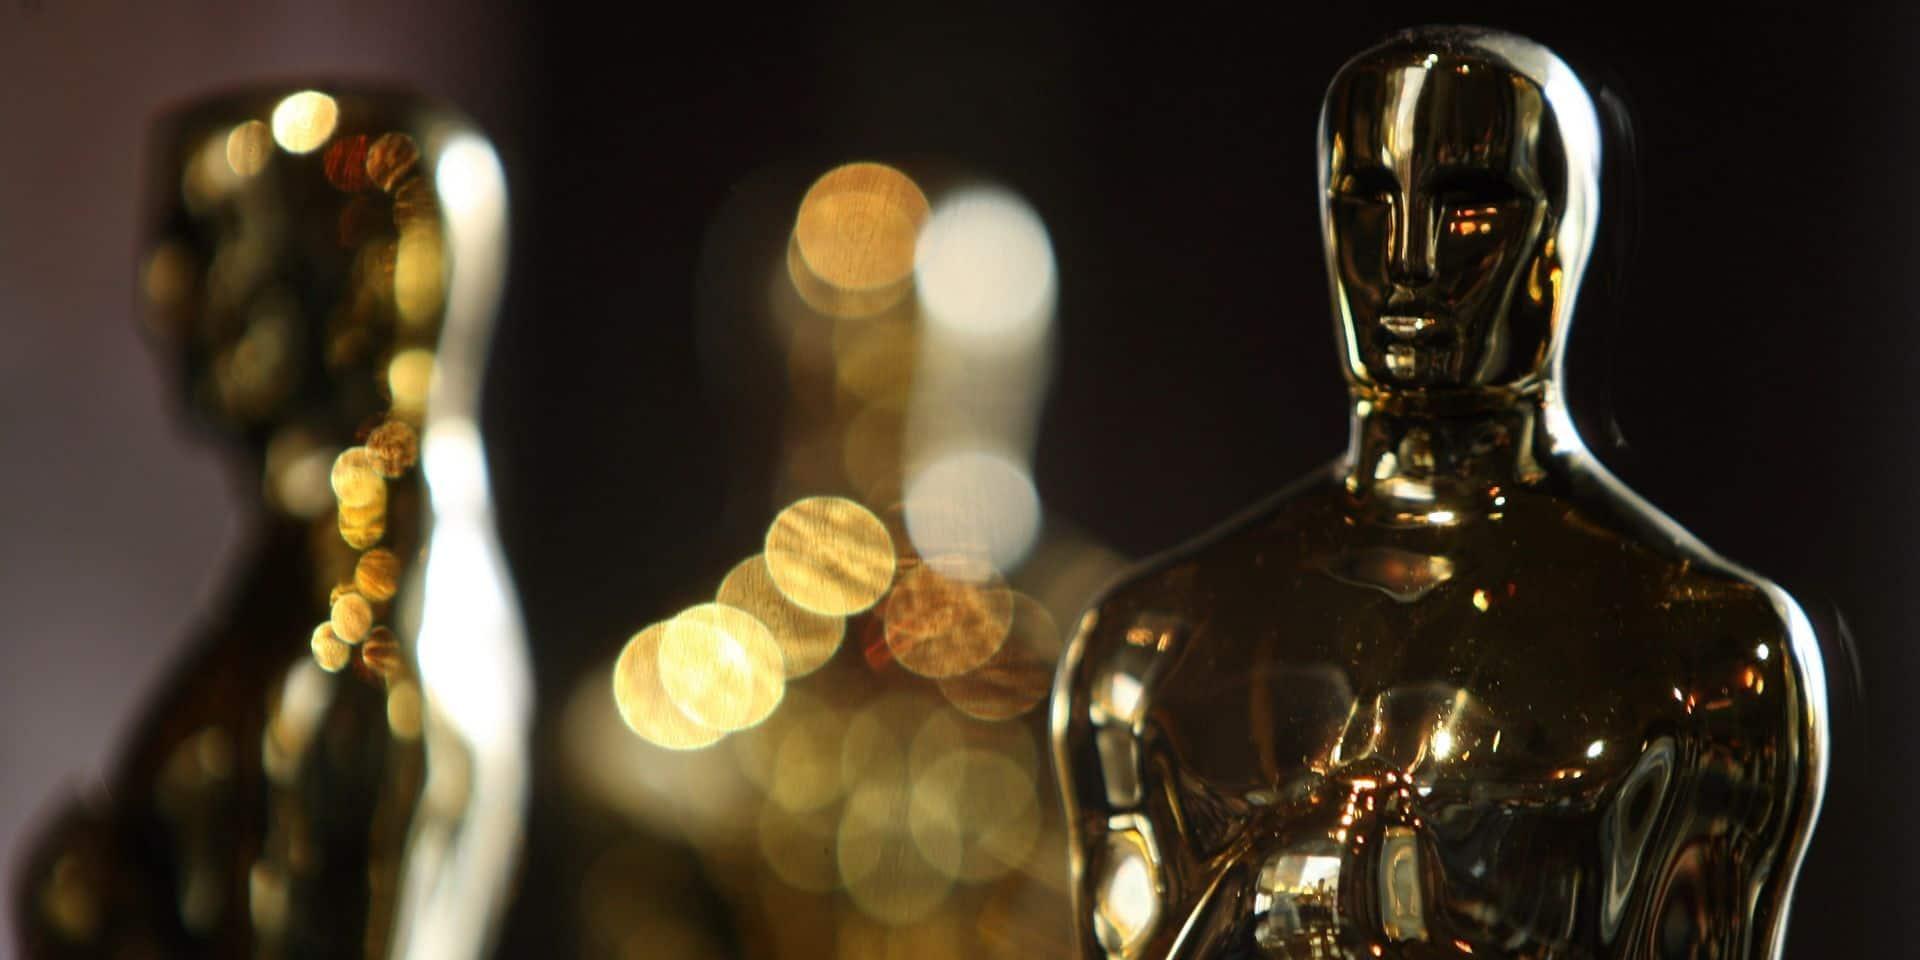 La cérémonie des Oscars risque d'être encore critiquée pour ses nominations: Obama s'est tout de même réjoui